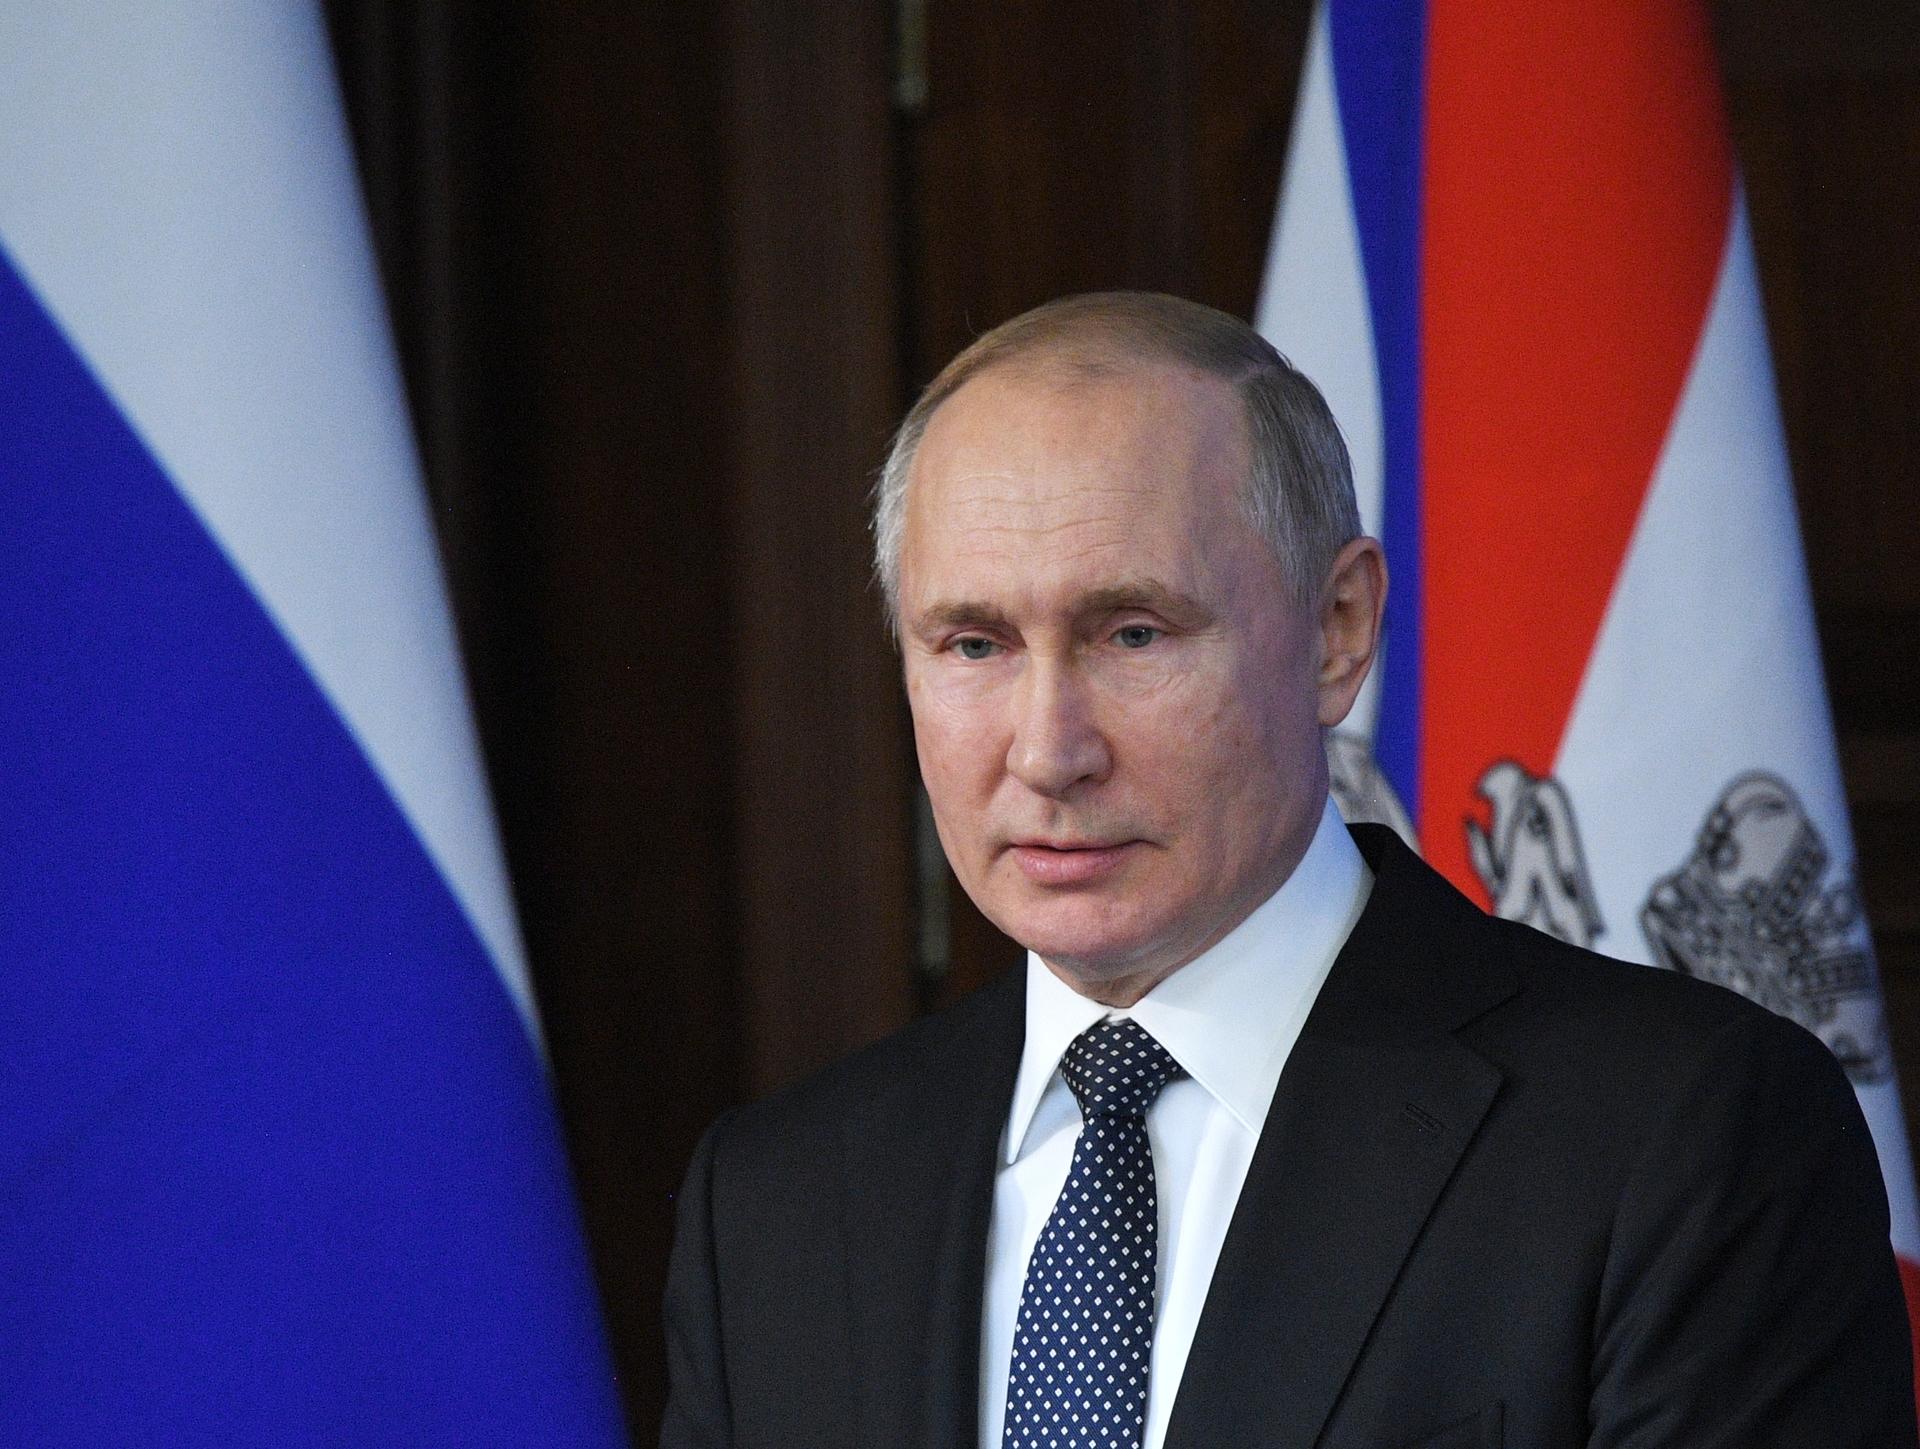 Тренд на дискредитацию: в Европарламенте назвали Россию главным источником гибридных угроз